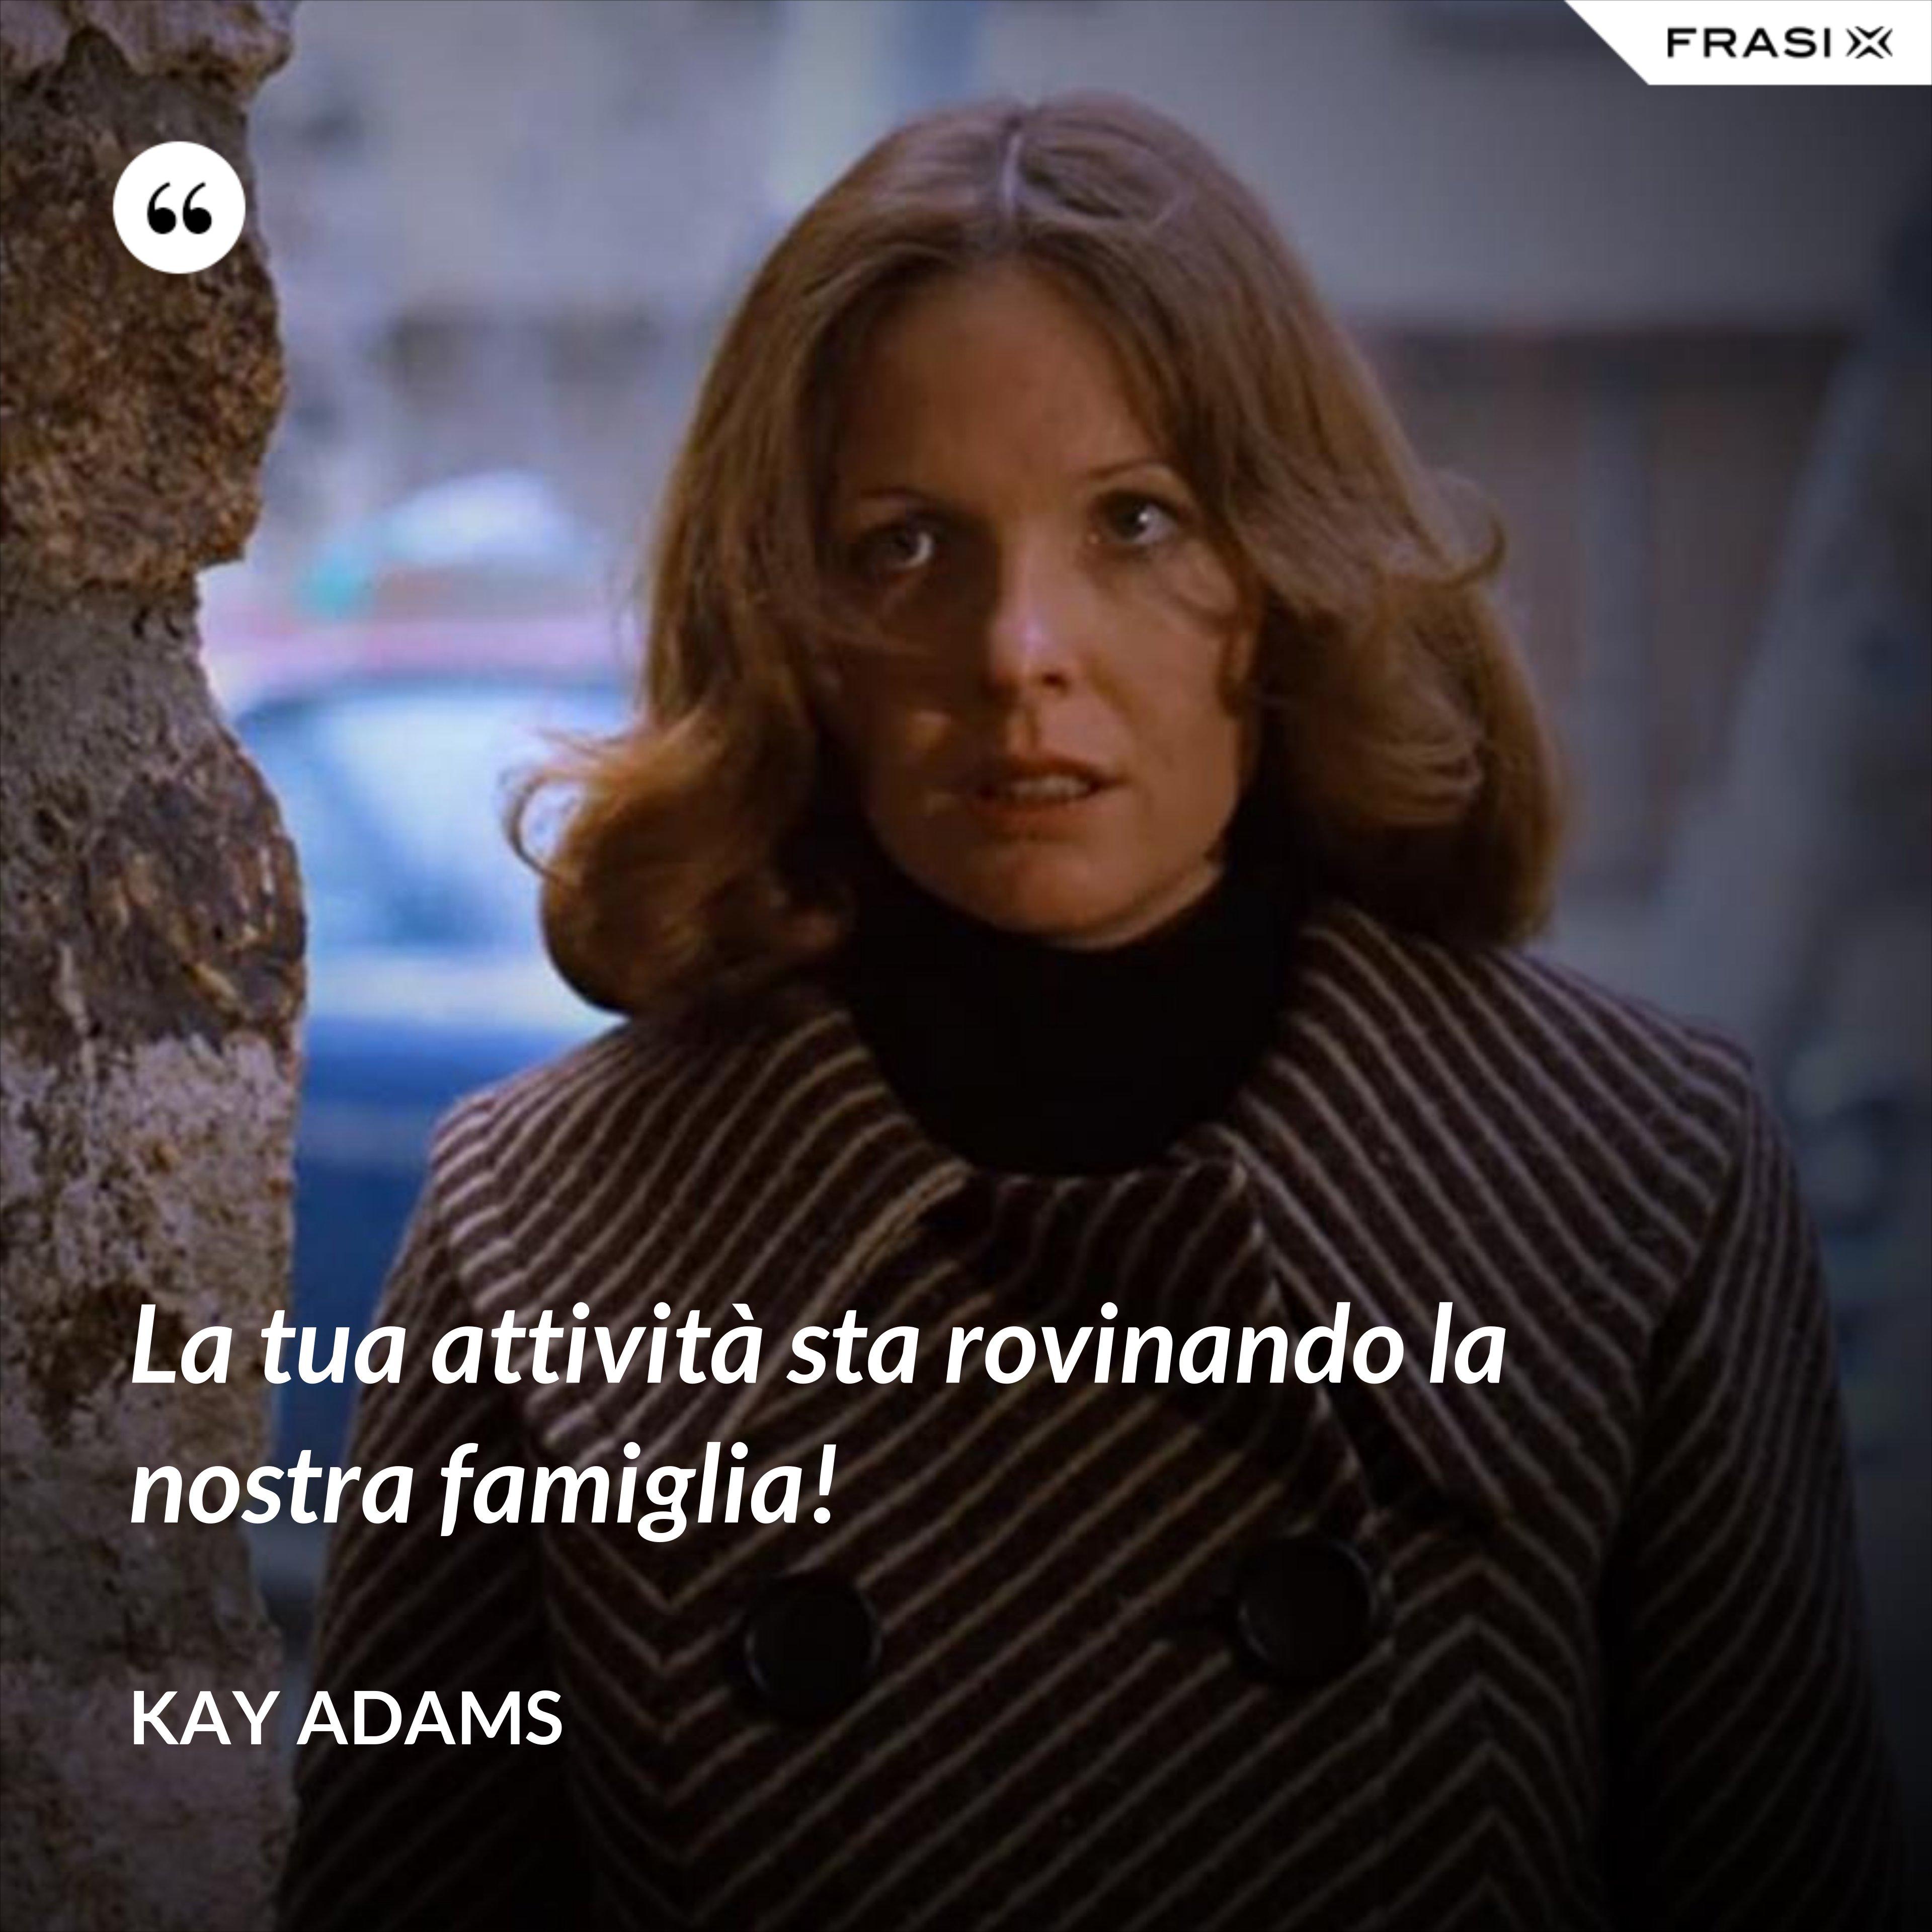 La tua attività sta rovinando la nostra famiglia! - Kay Adams